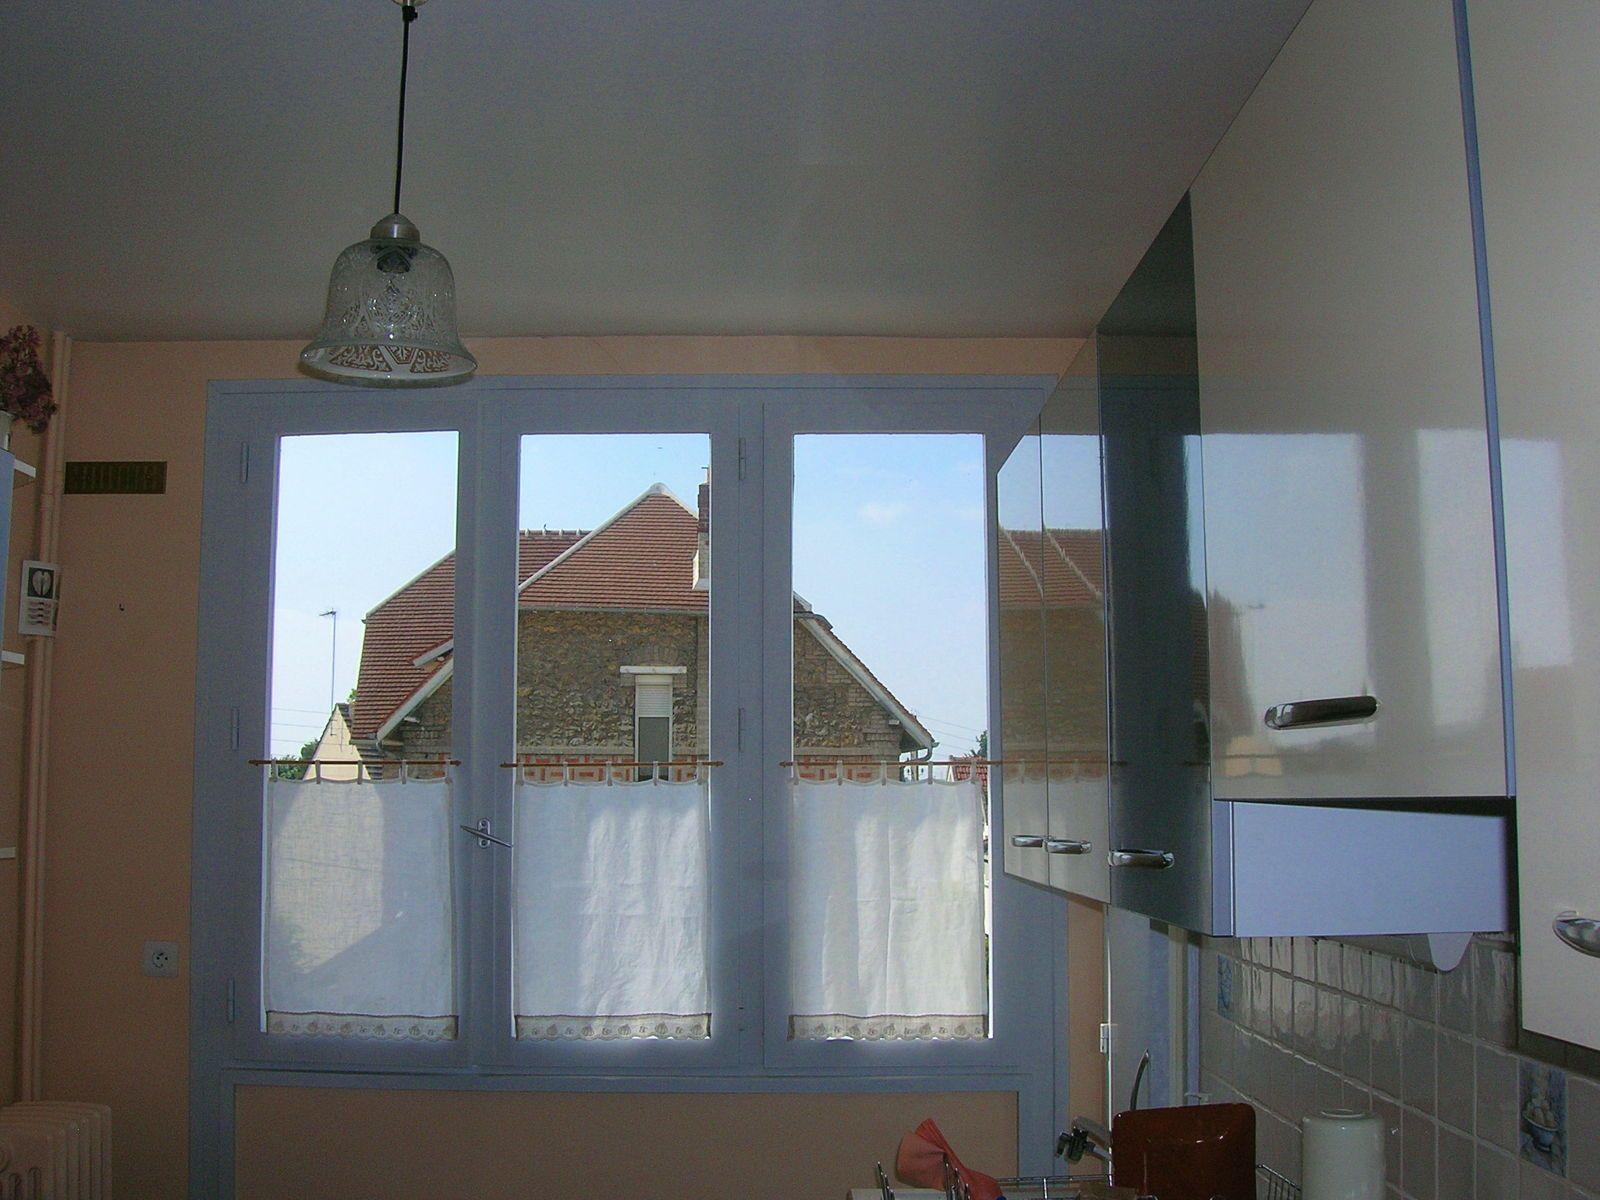 Loue appartement T4à Compiègne - 60- (Nord Paris) 75m²